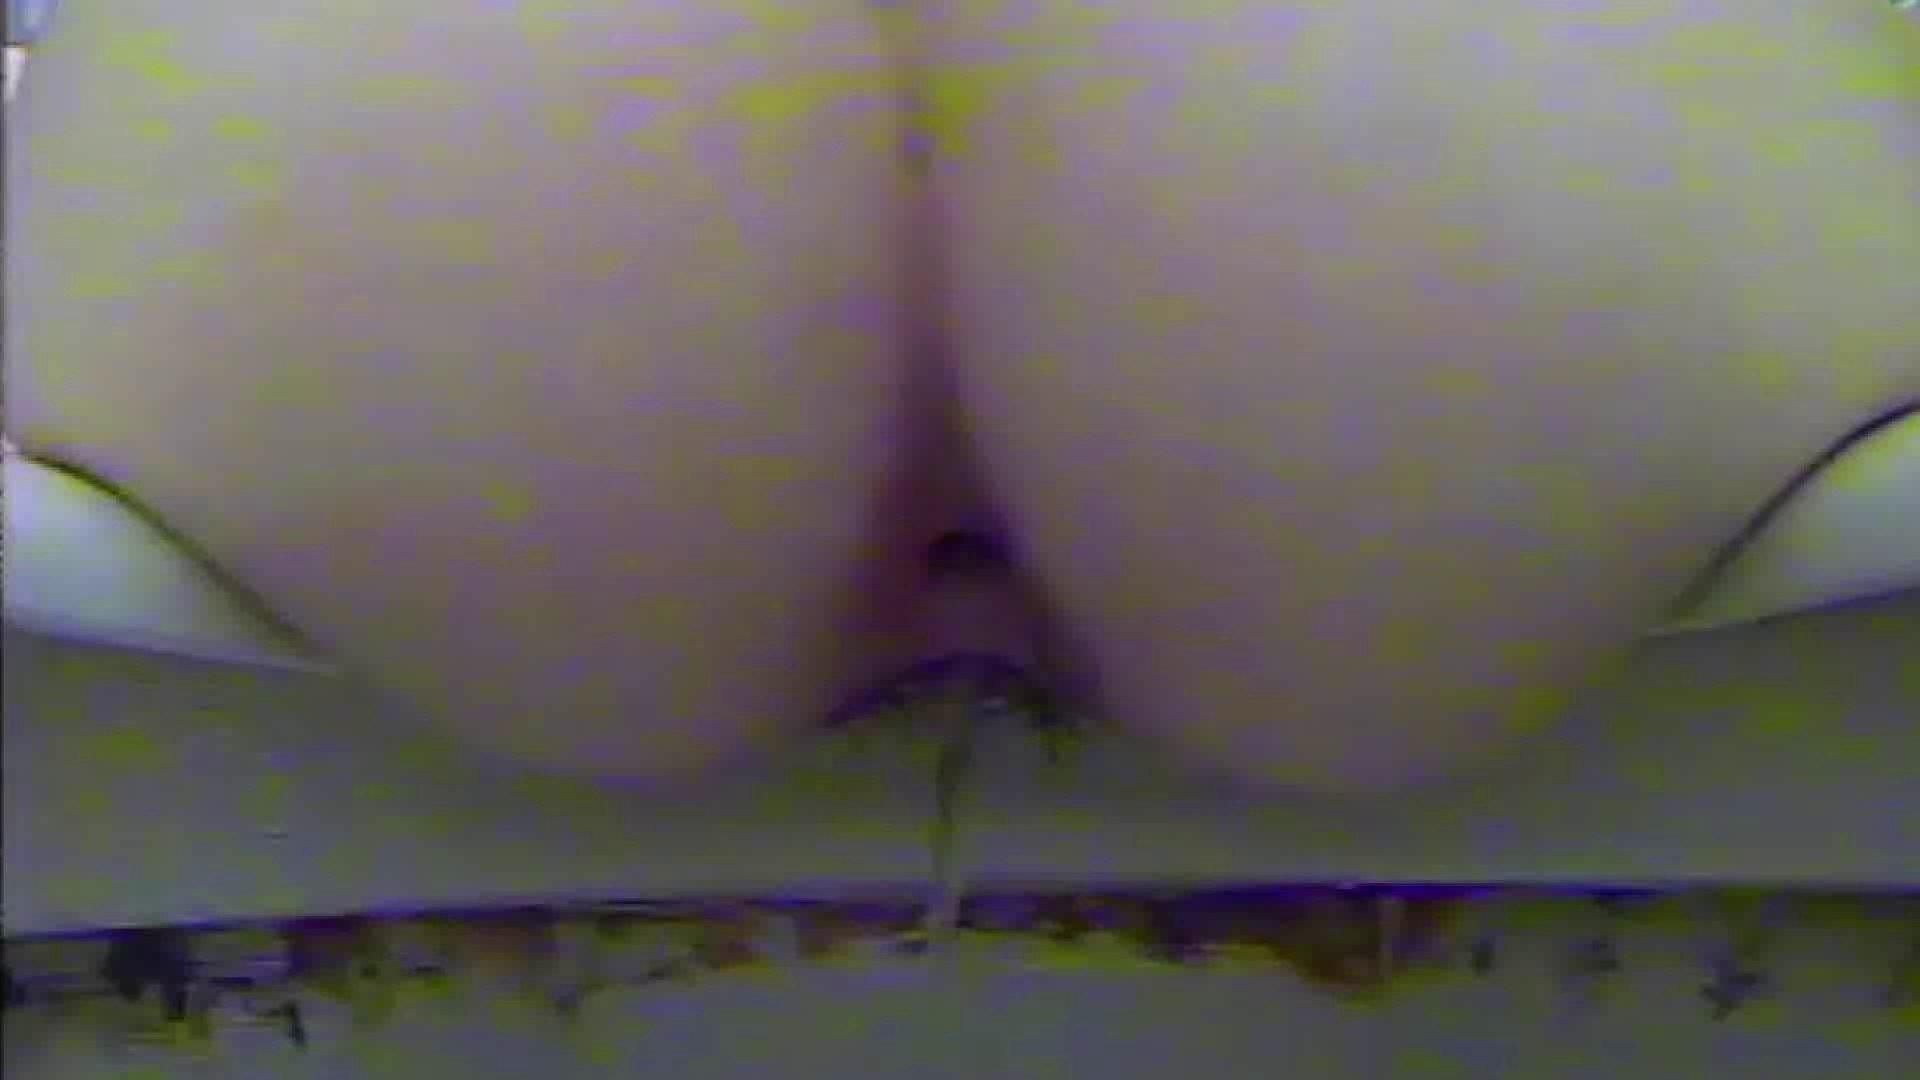 キレカワ女子大生の秘密の洗面所!Vol.044 盗撮 オメコ無修正動画無料 106PIX 34